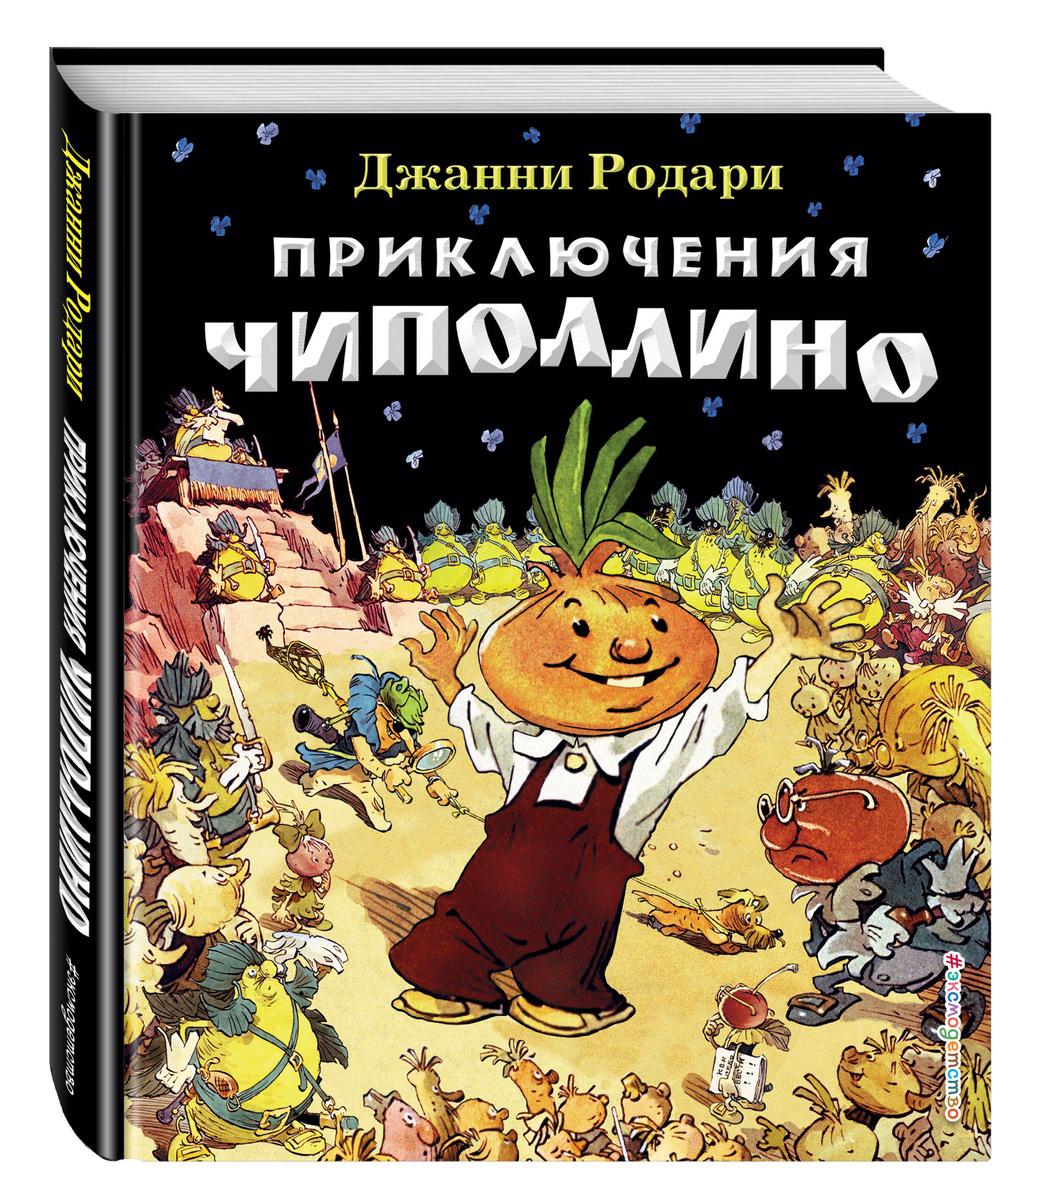 Приключения Чиполлино (ил. Е. Мигунова) | Родари Джанни #1